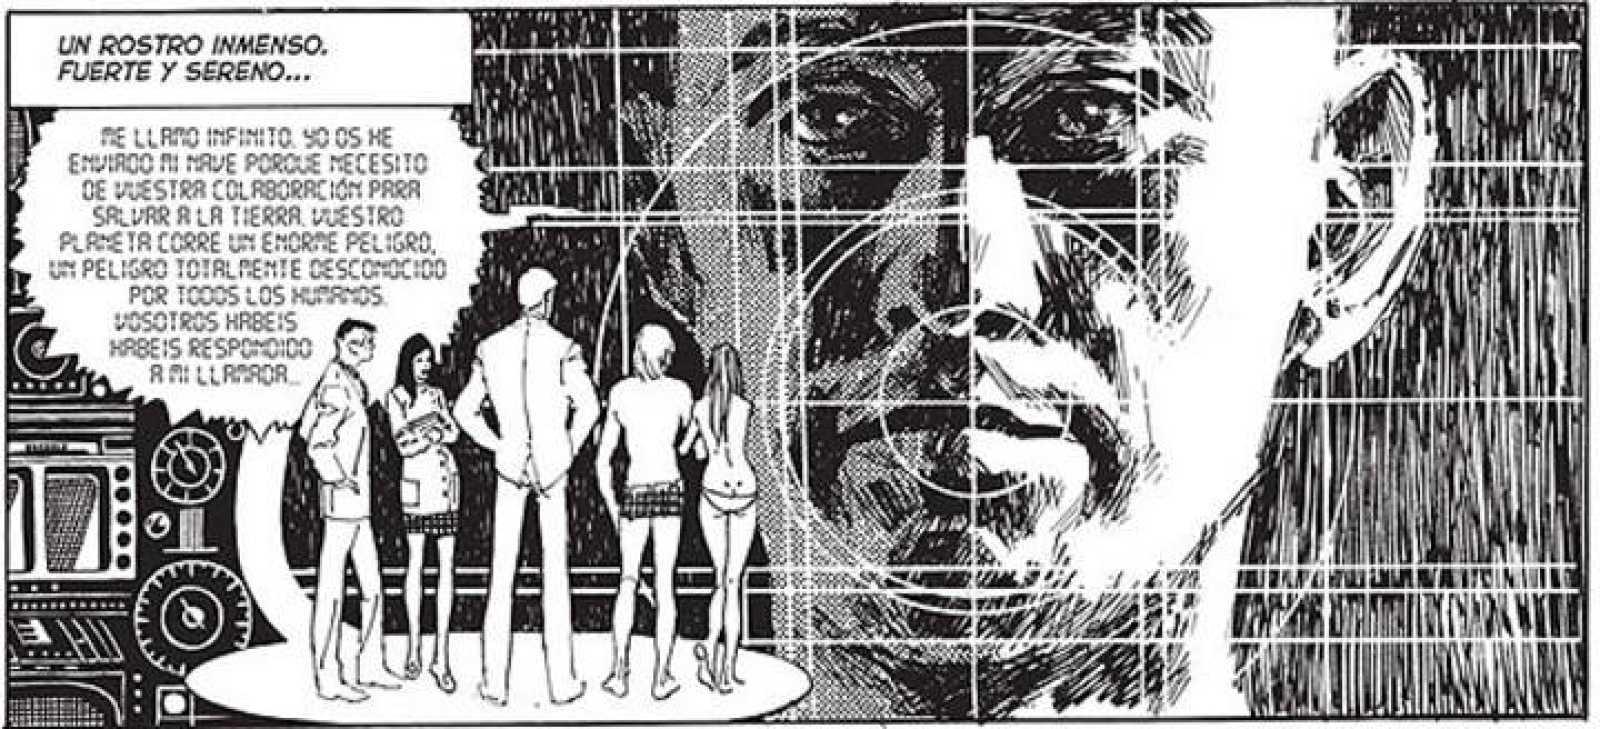 Viñeta de '5 por Infinito', de Esteban Maroto